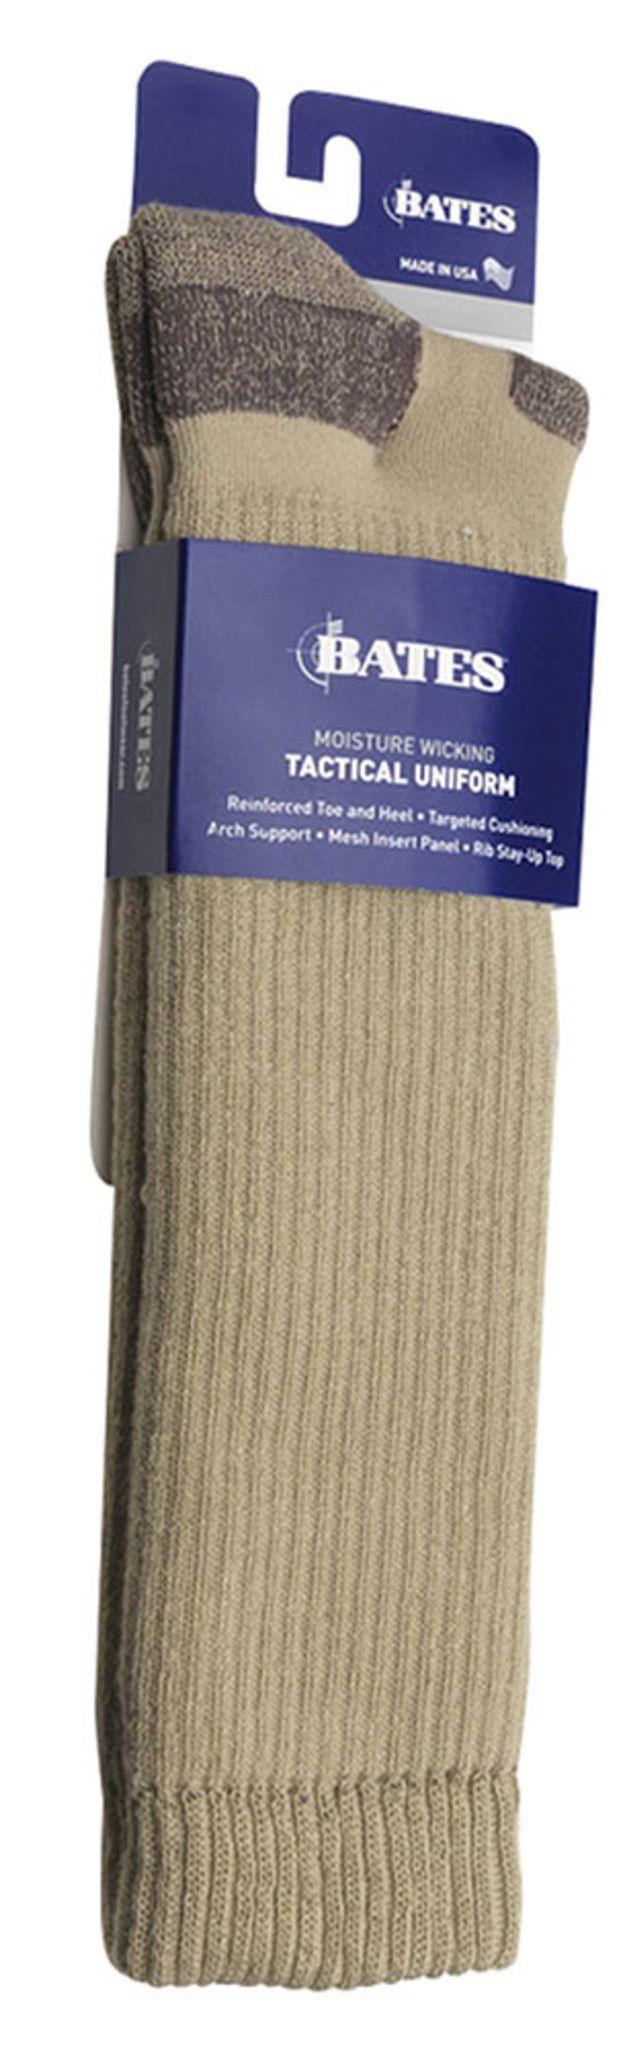 Tactical Uniform Over The Calf Socks